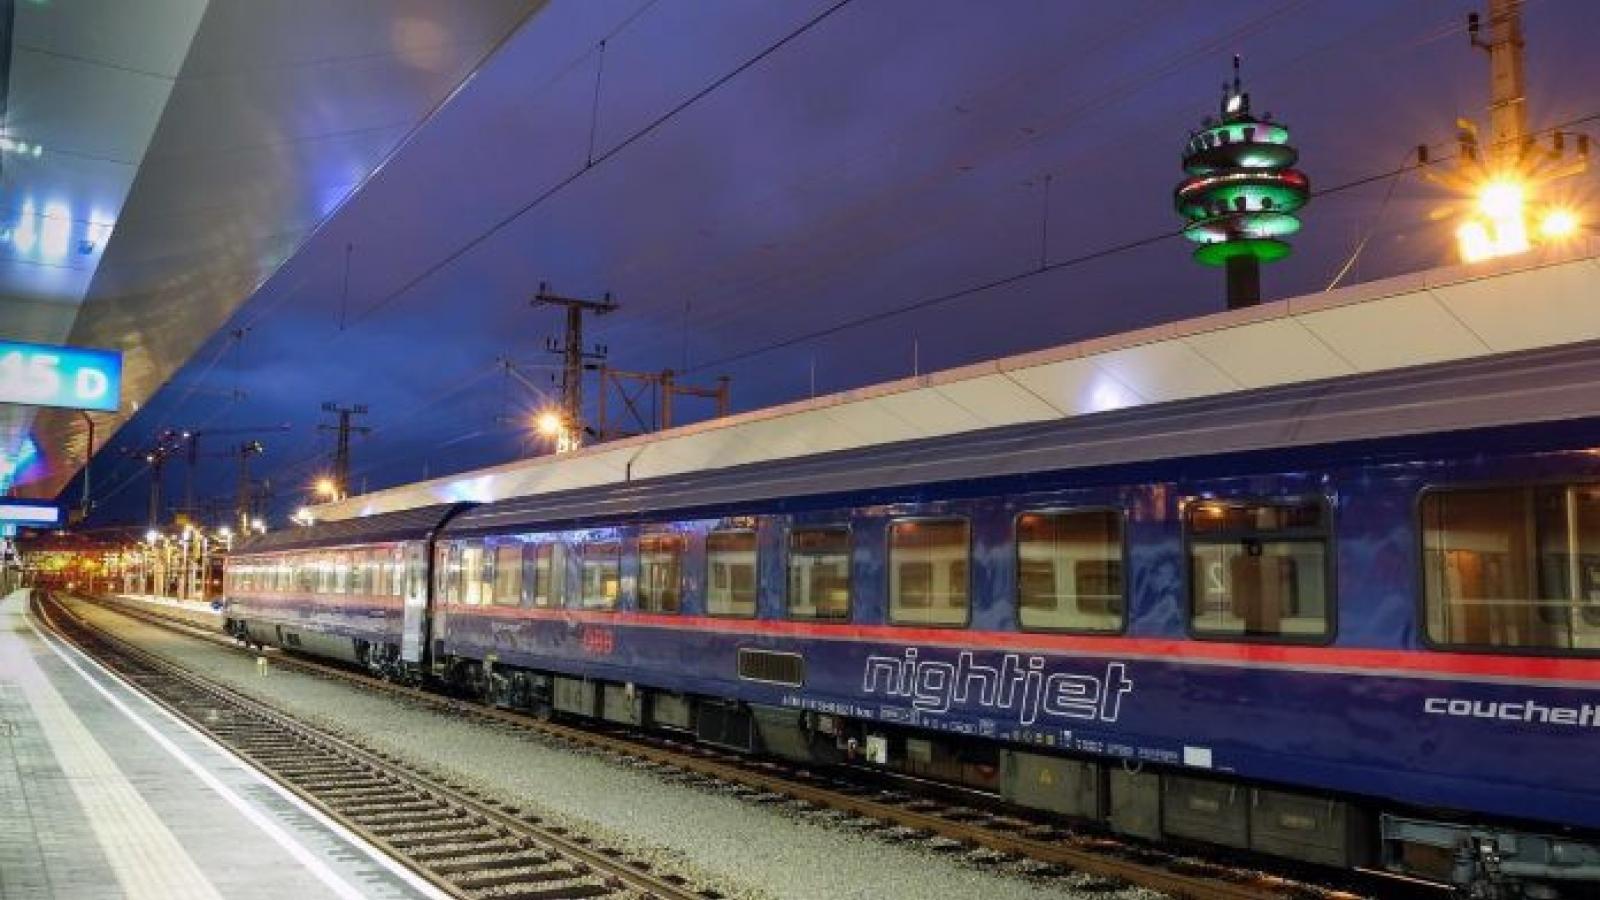 Áo thiết lập chuyến tàu vận chuyển nhân viên y tế từ Romania để chống dịch